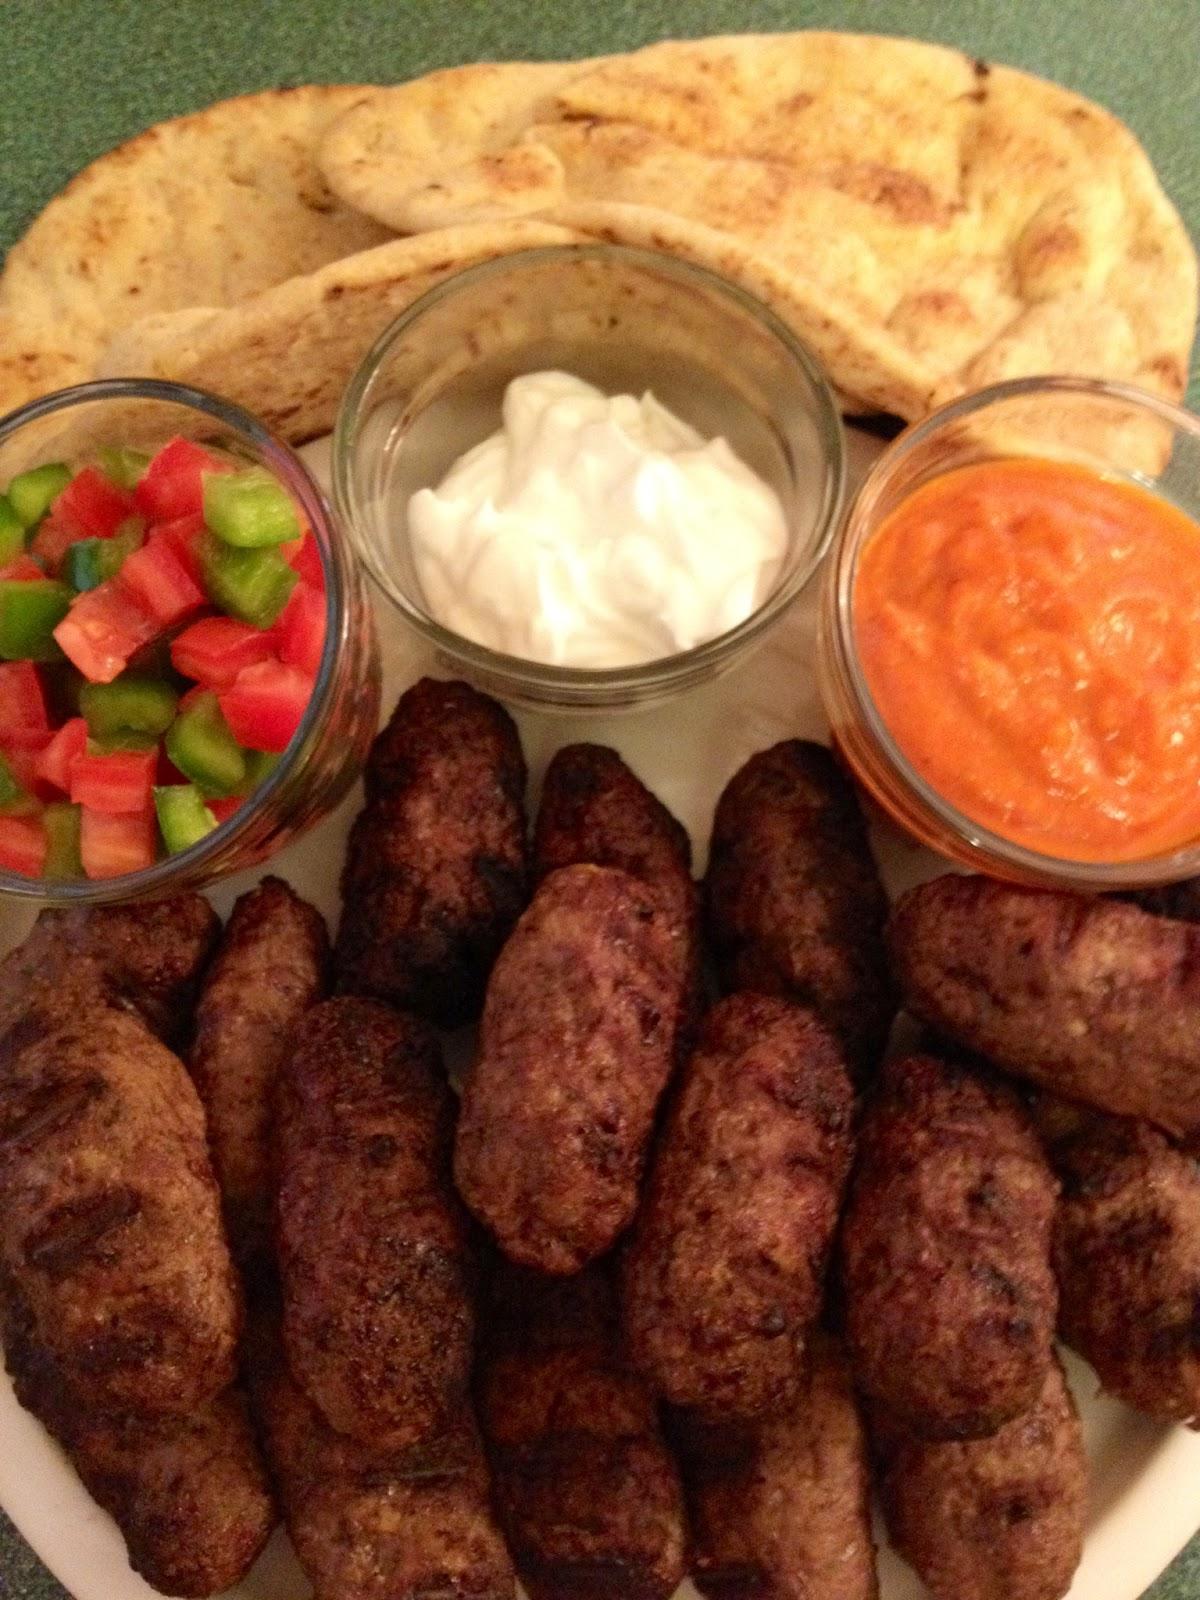 ... .com/2010/07/04/recipe-bosnian-finger-sausages-cevapi